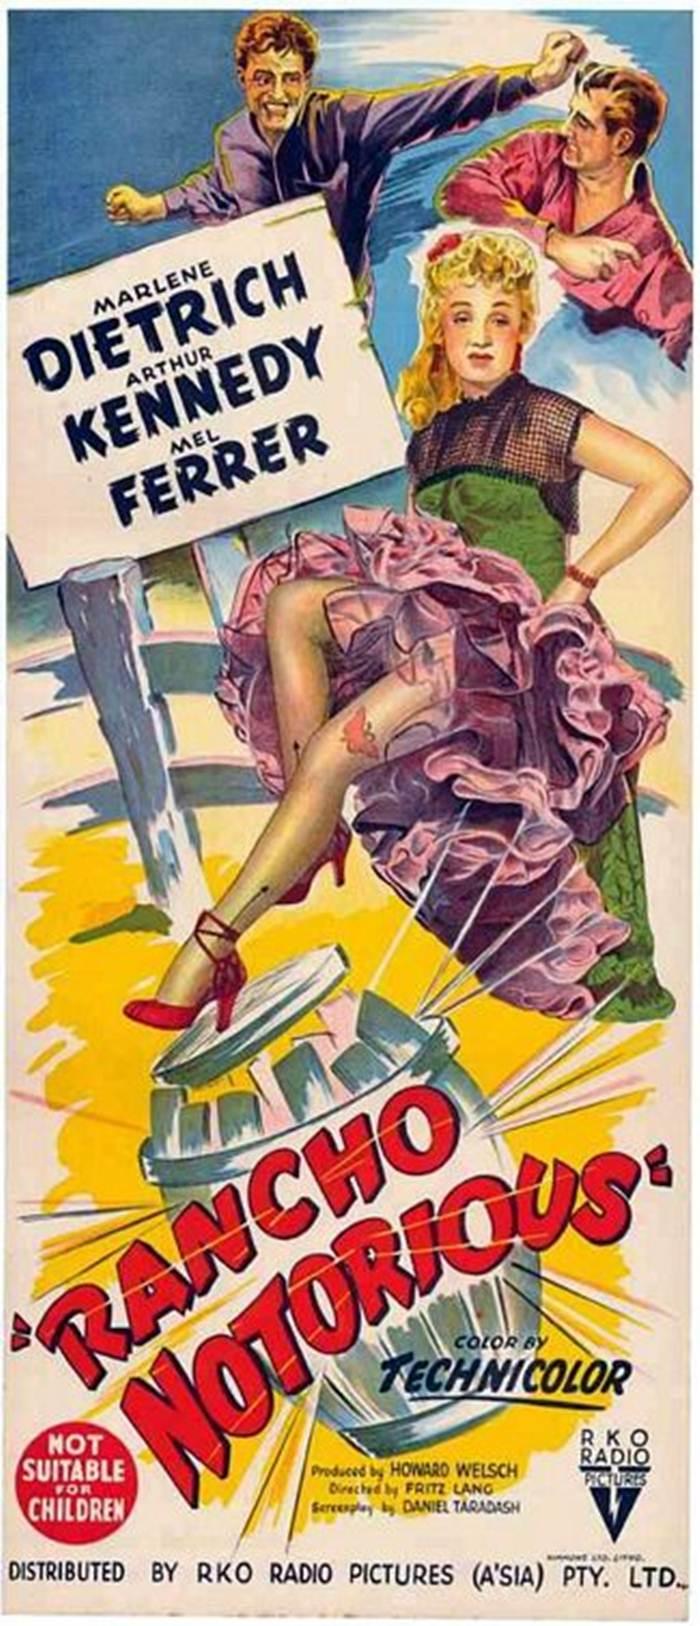 A VOZ DO DESMANIPULADOR067-20130906posters de filme ano 1952